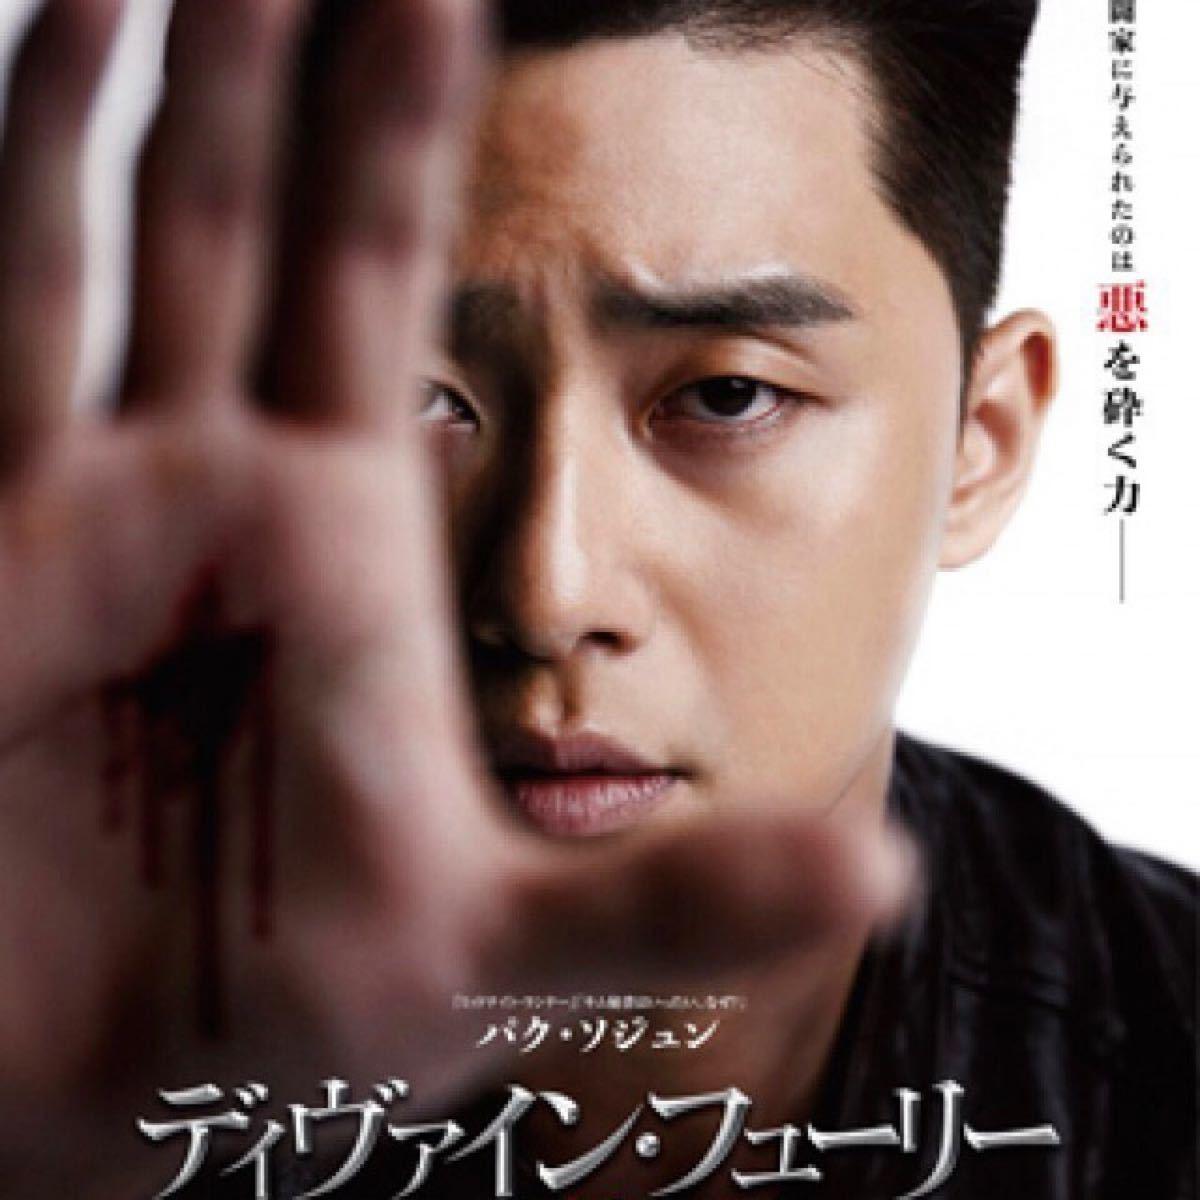 専用です。韓国映画 DVD  3点セット+選べるおまけ1枚  レーベル有り